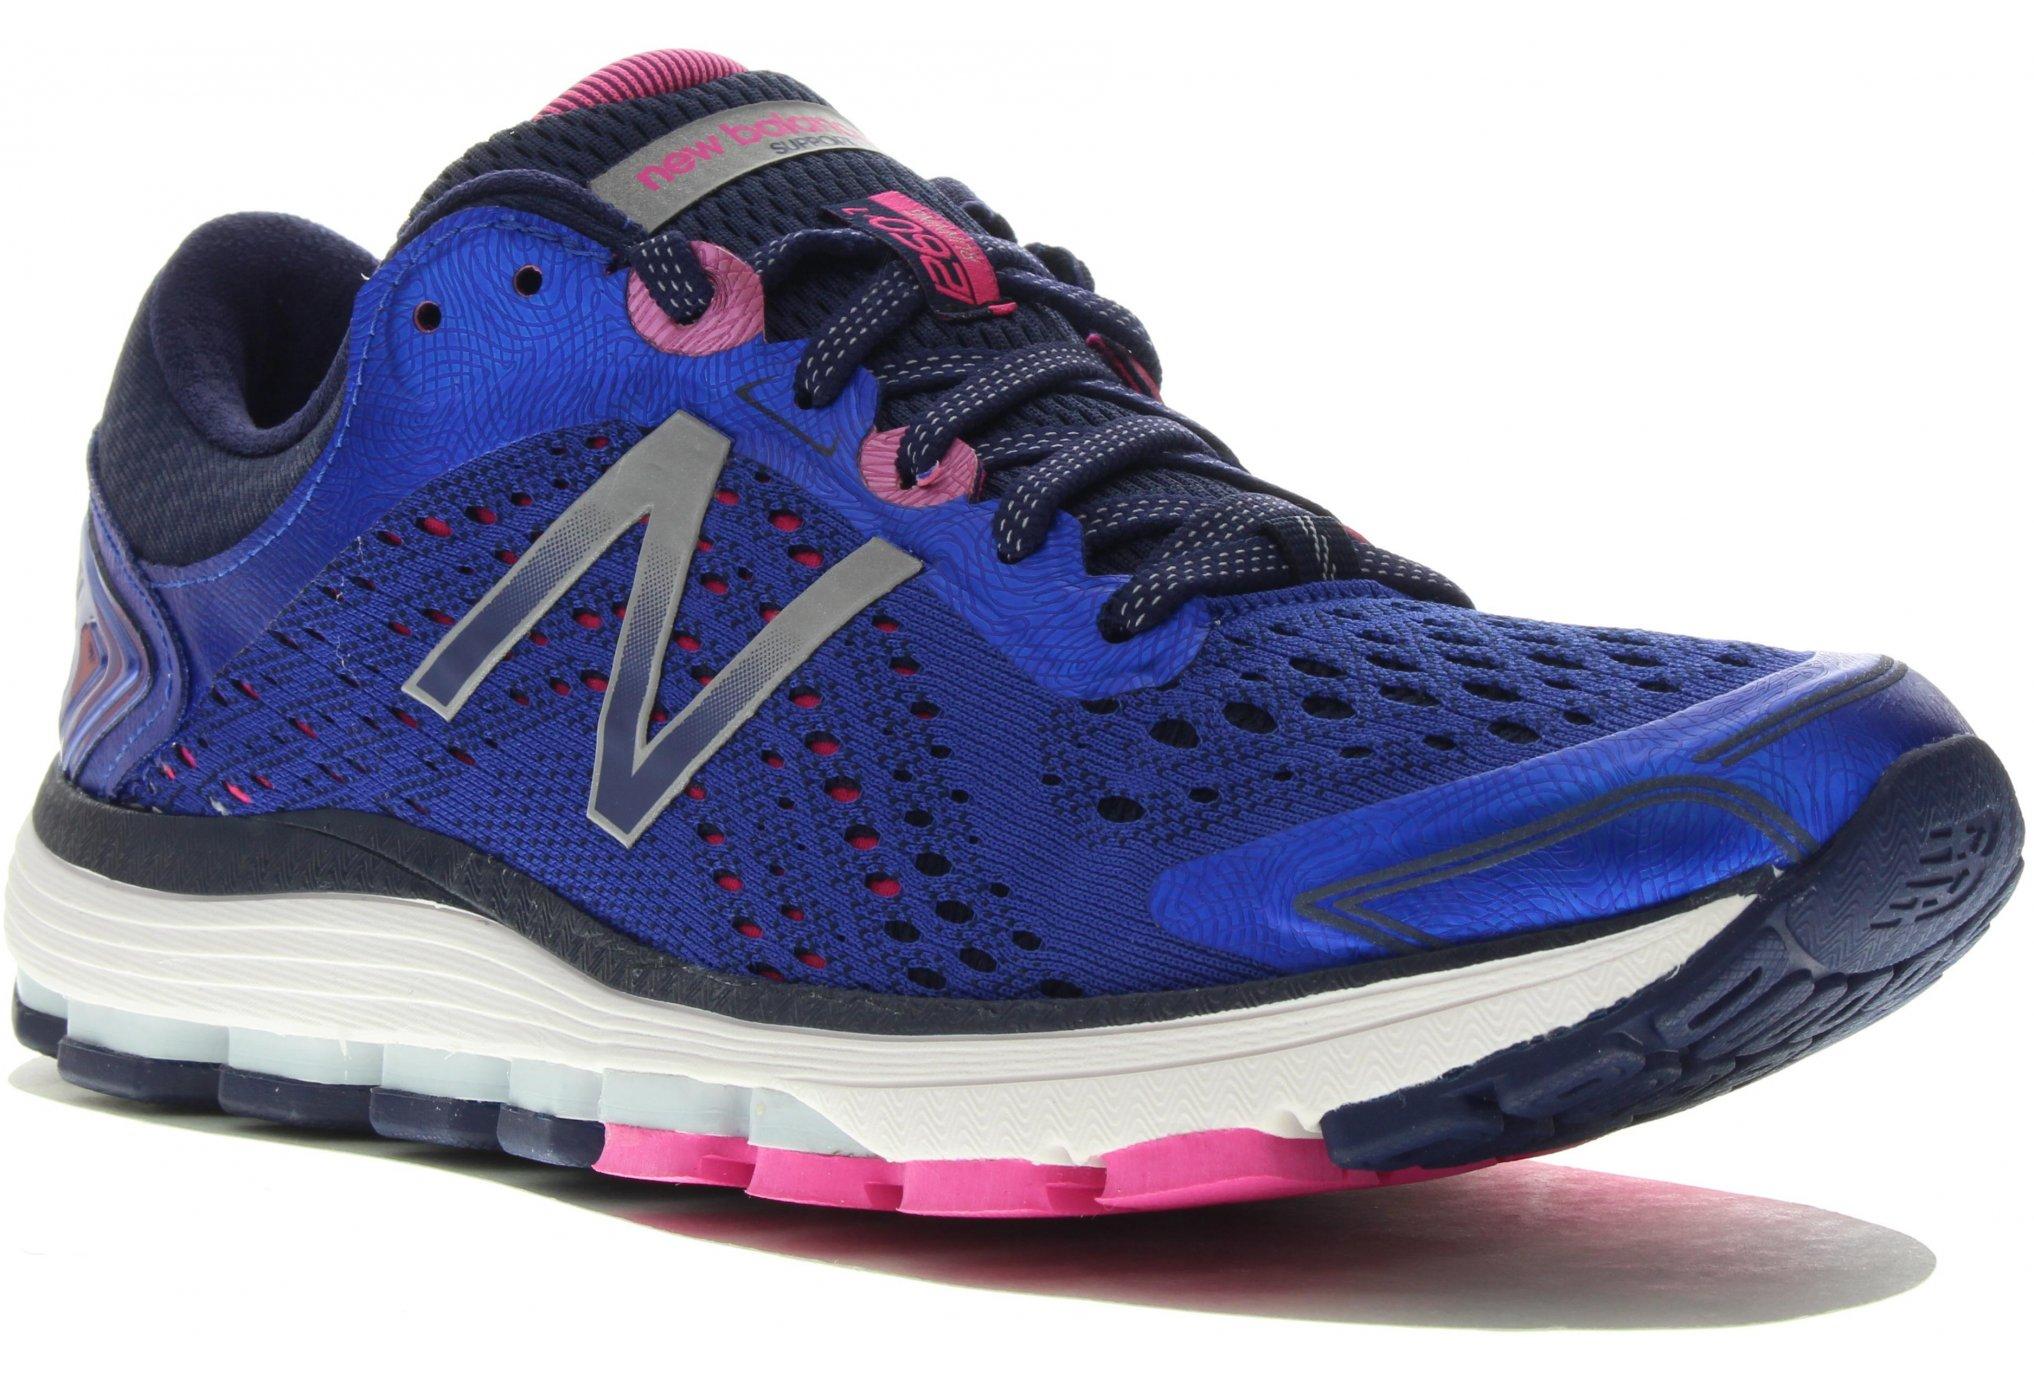 New Balance W 1260 V7 - B Diététique Chaussures femme